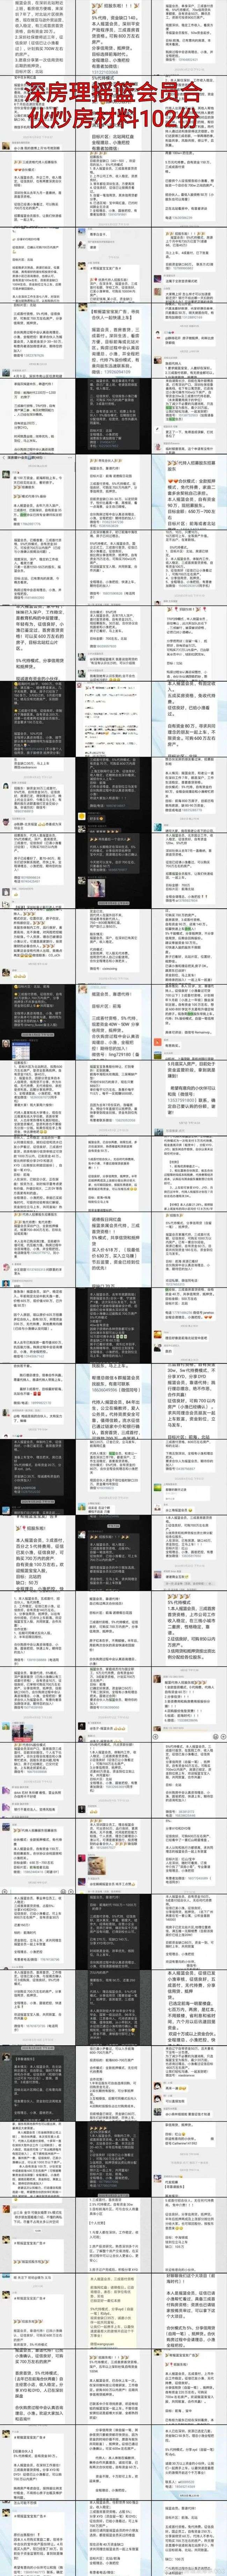 触目惊心!深圳炒房团102份炒房材料曝光